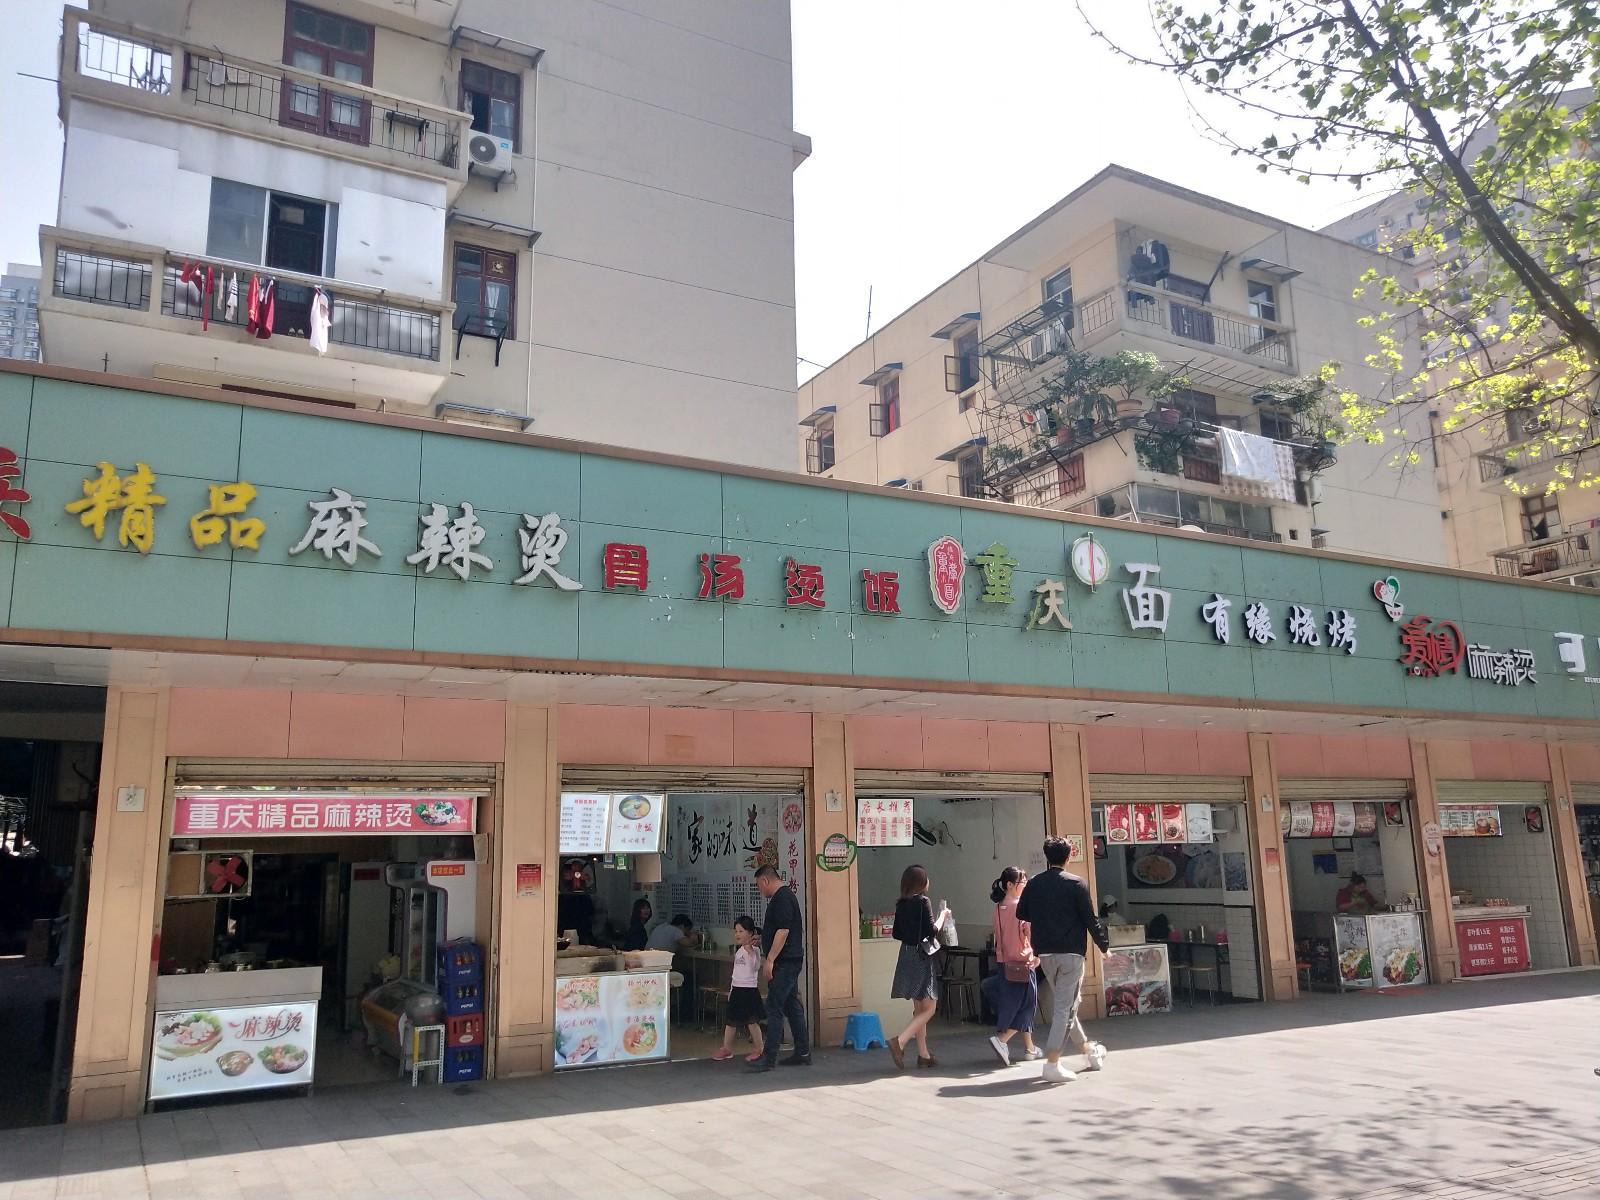 汉正街国际批/发临街餐饮门面急转